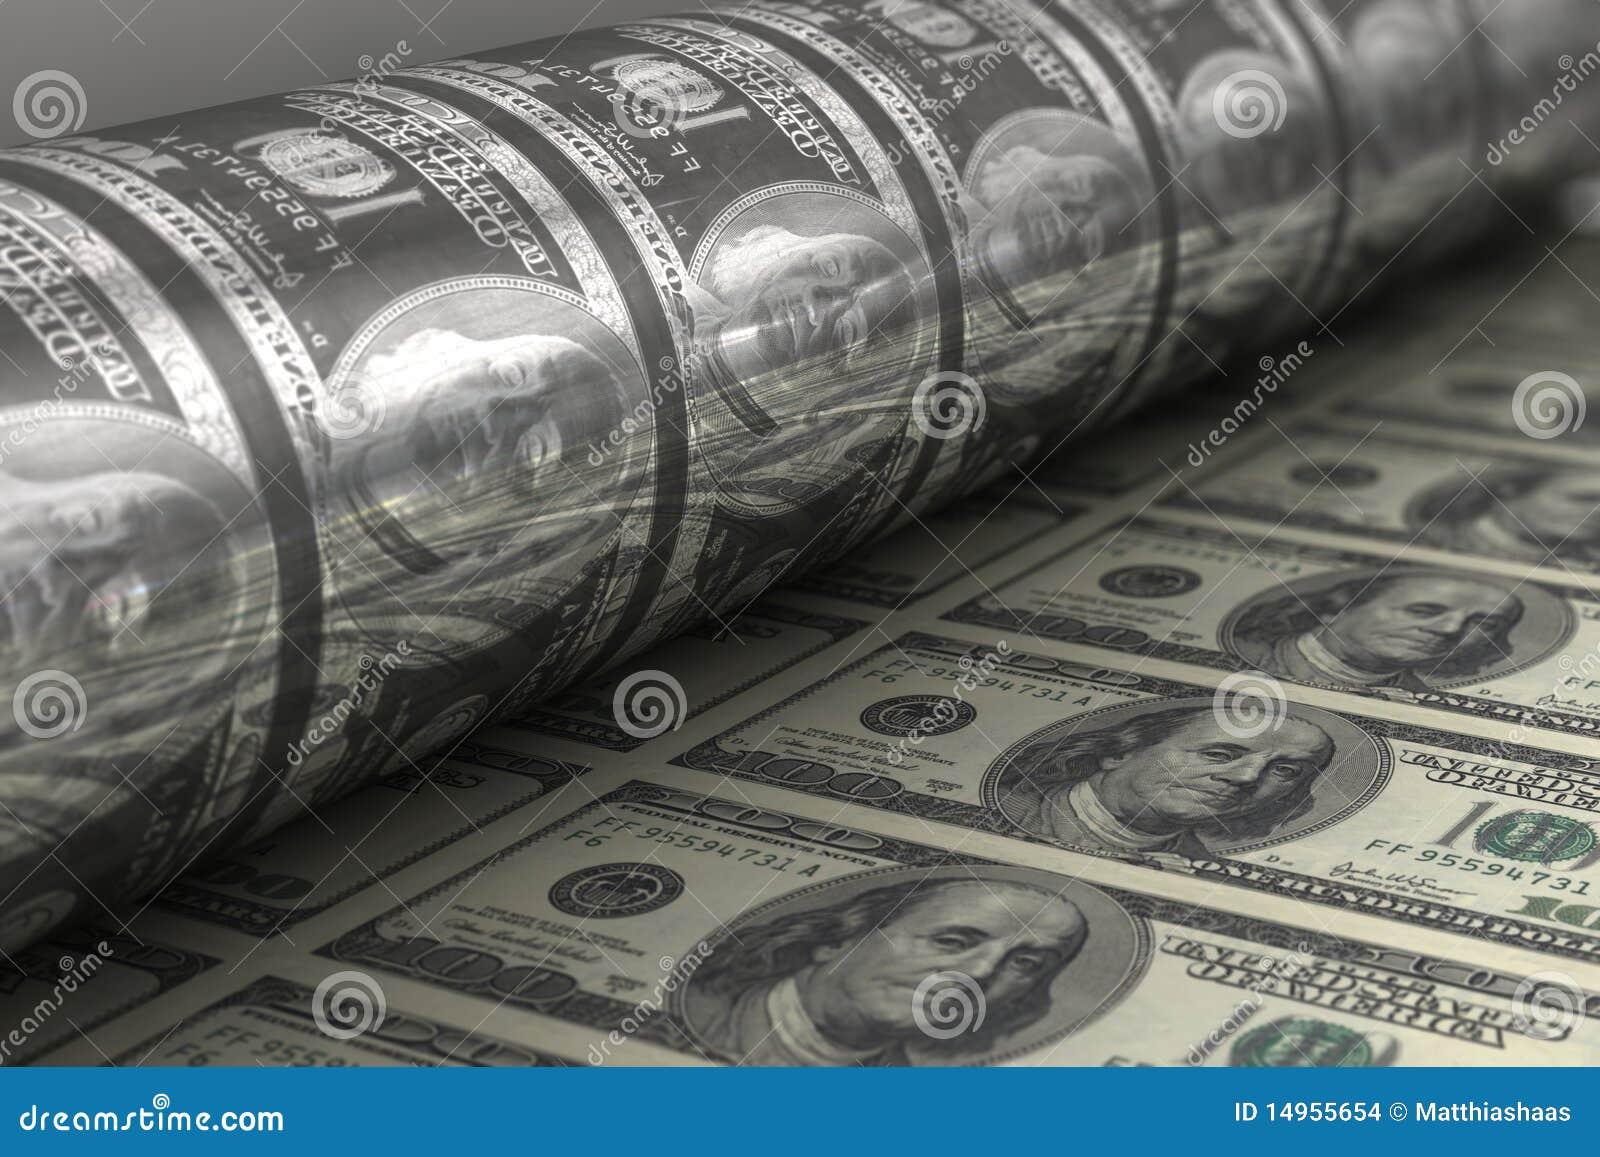 billets de banque de dollar us d 39 impression images stock image 14955654. Black Bedroom Furniture Sets. Home Design Ideas